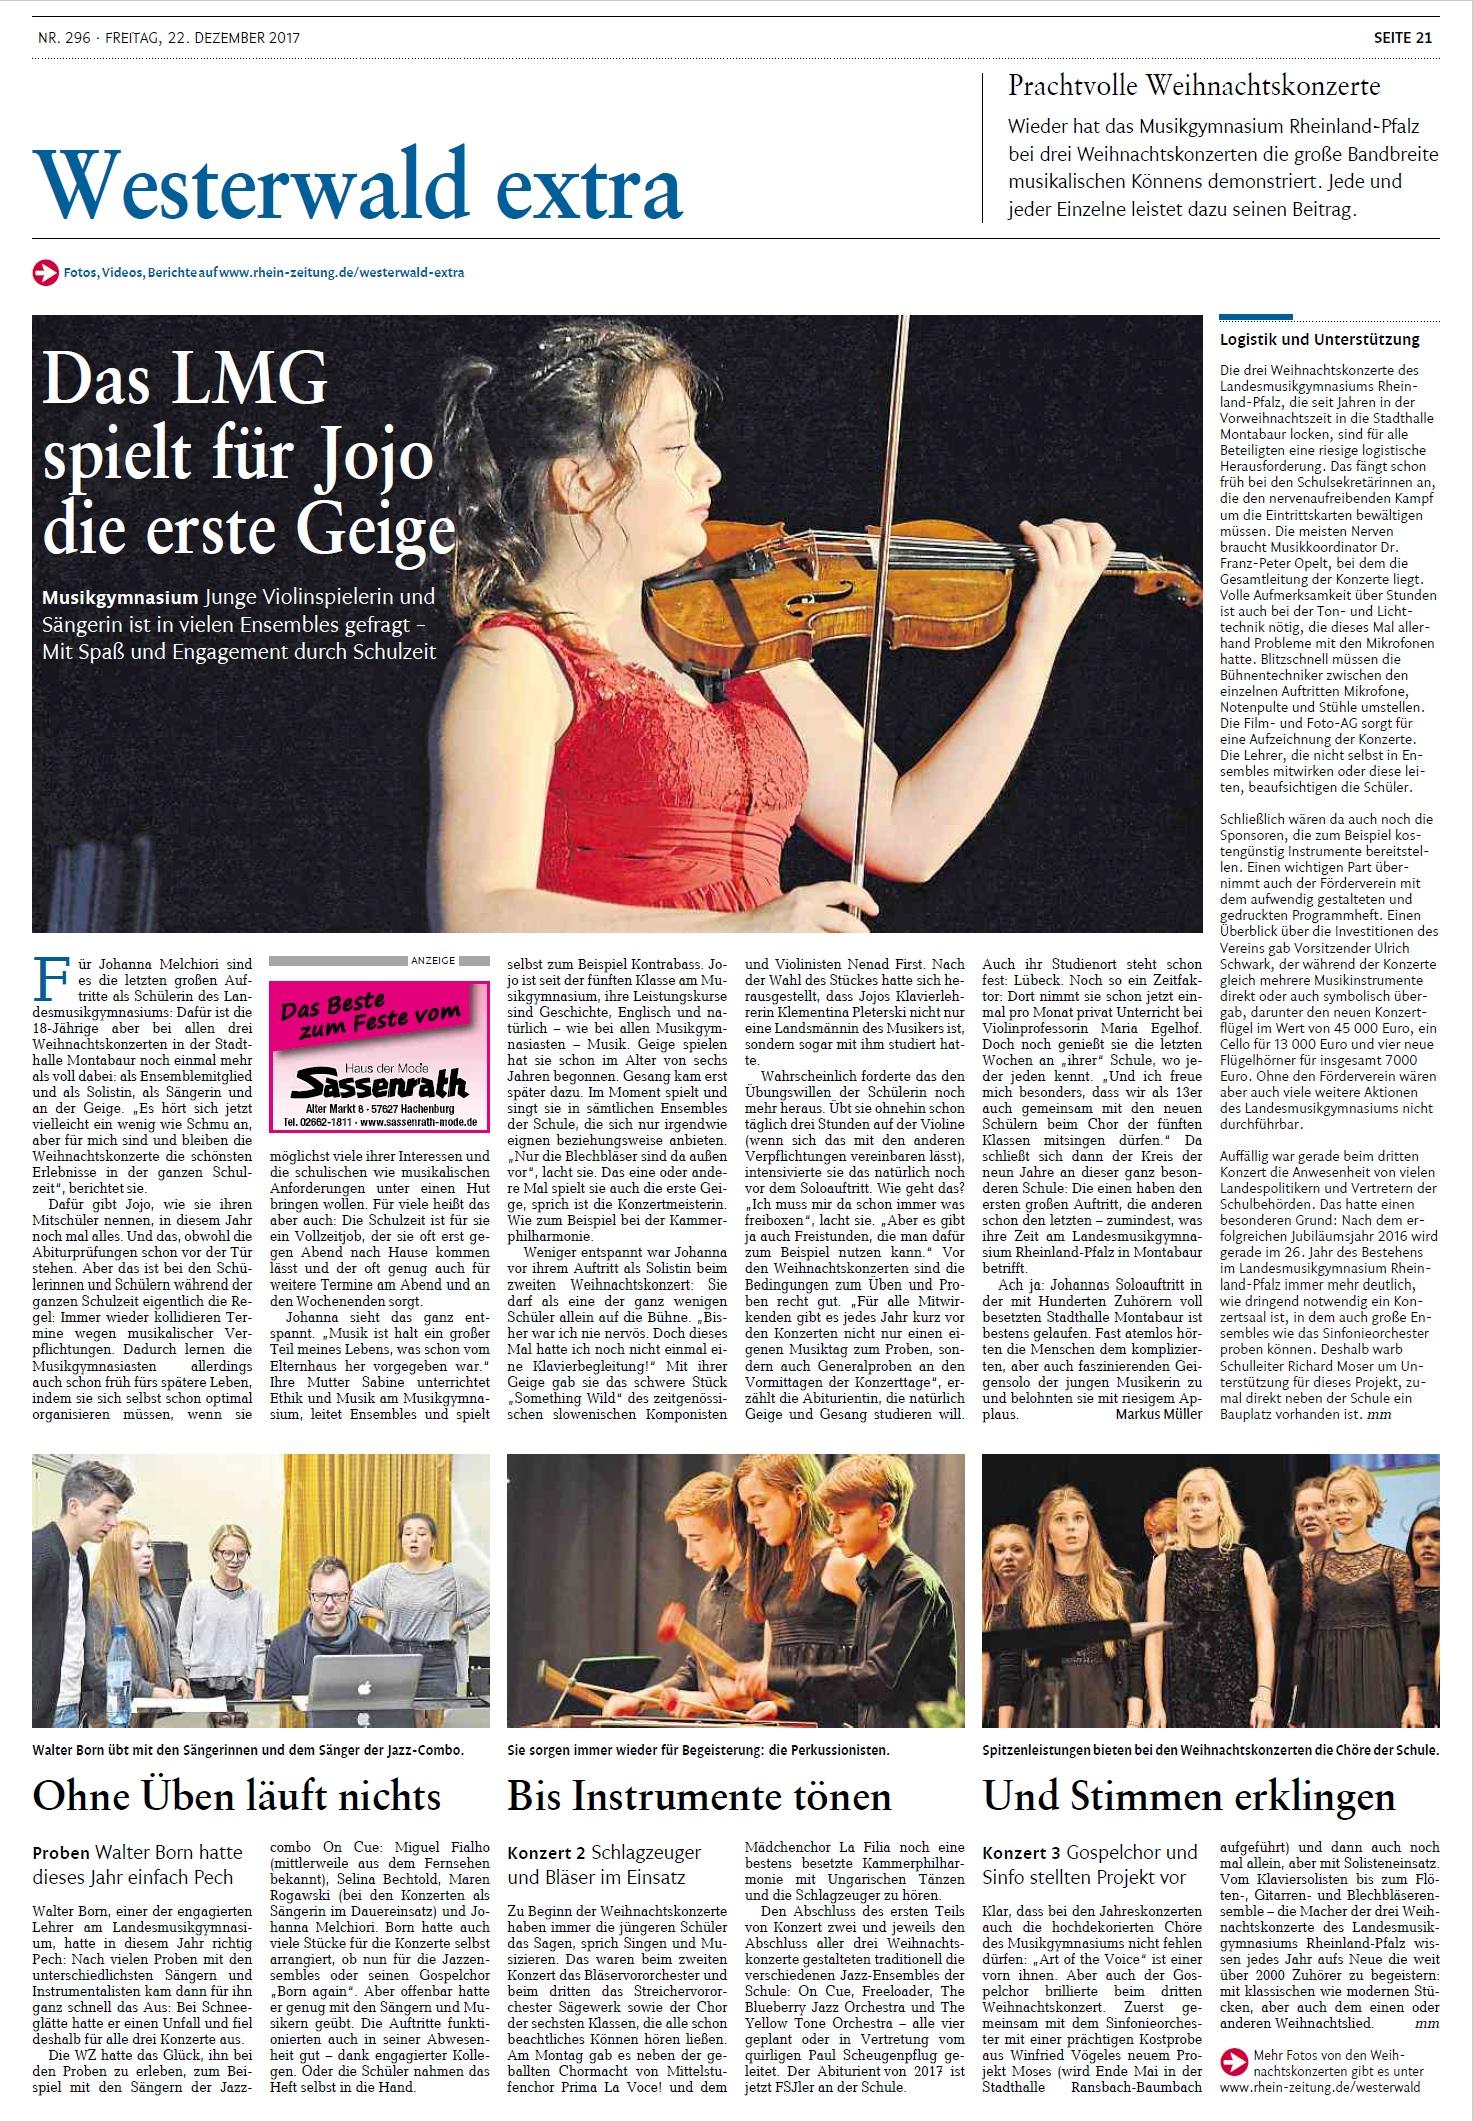 Prachtvolle Weihnachtskonzertelandesmusikgymnasium Rheinland Pfalz